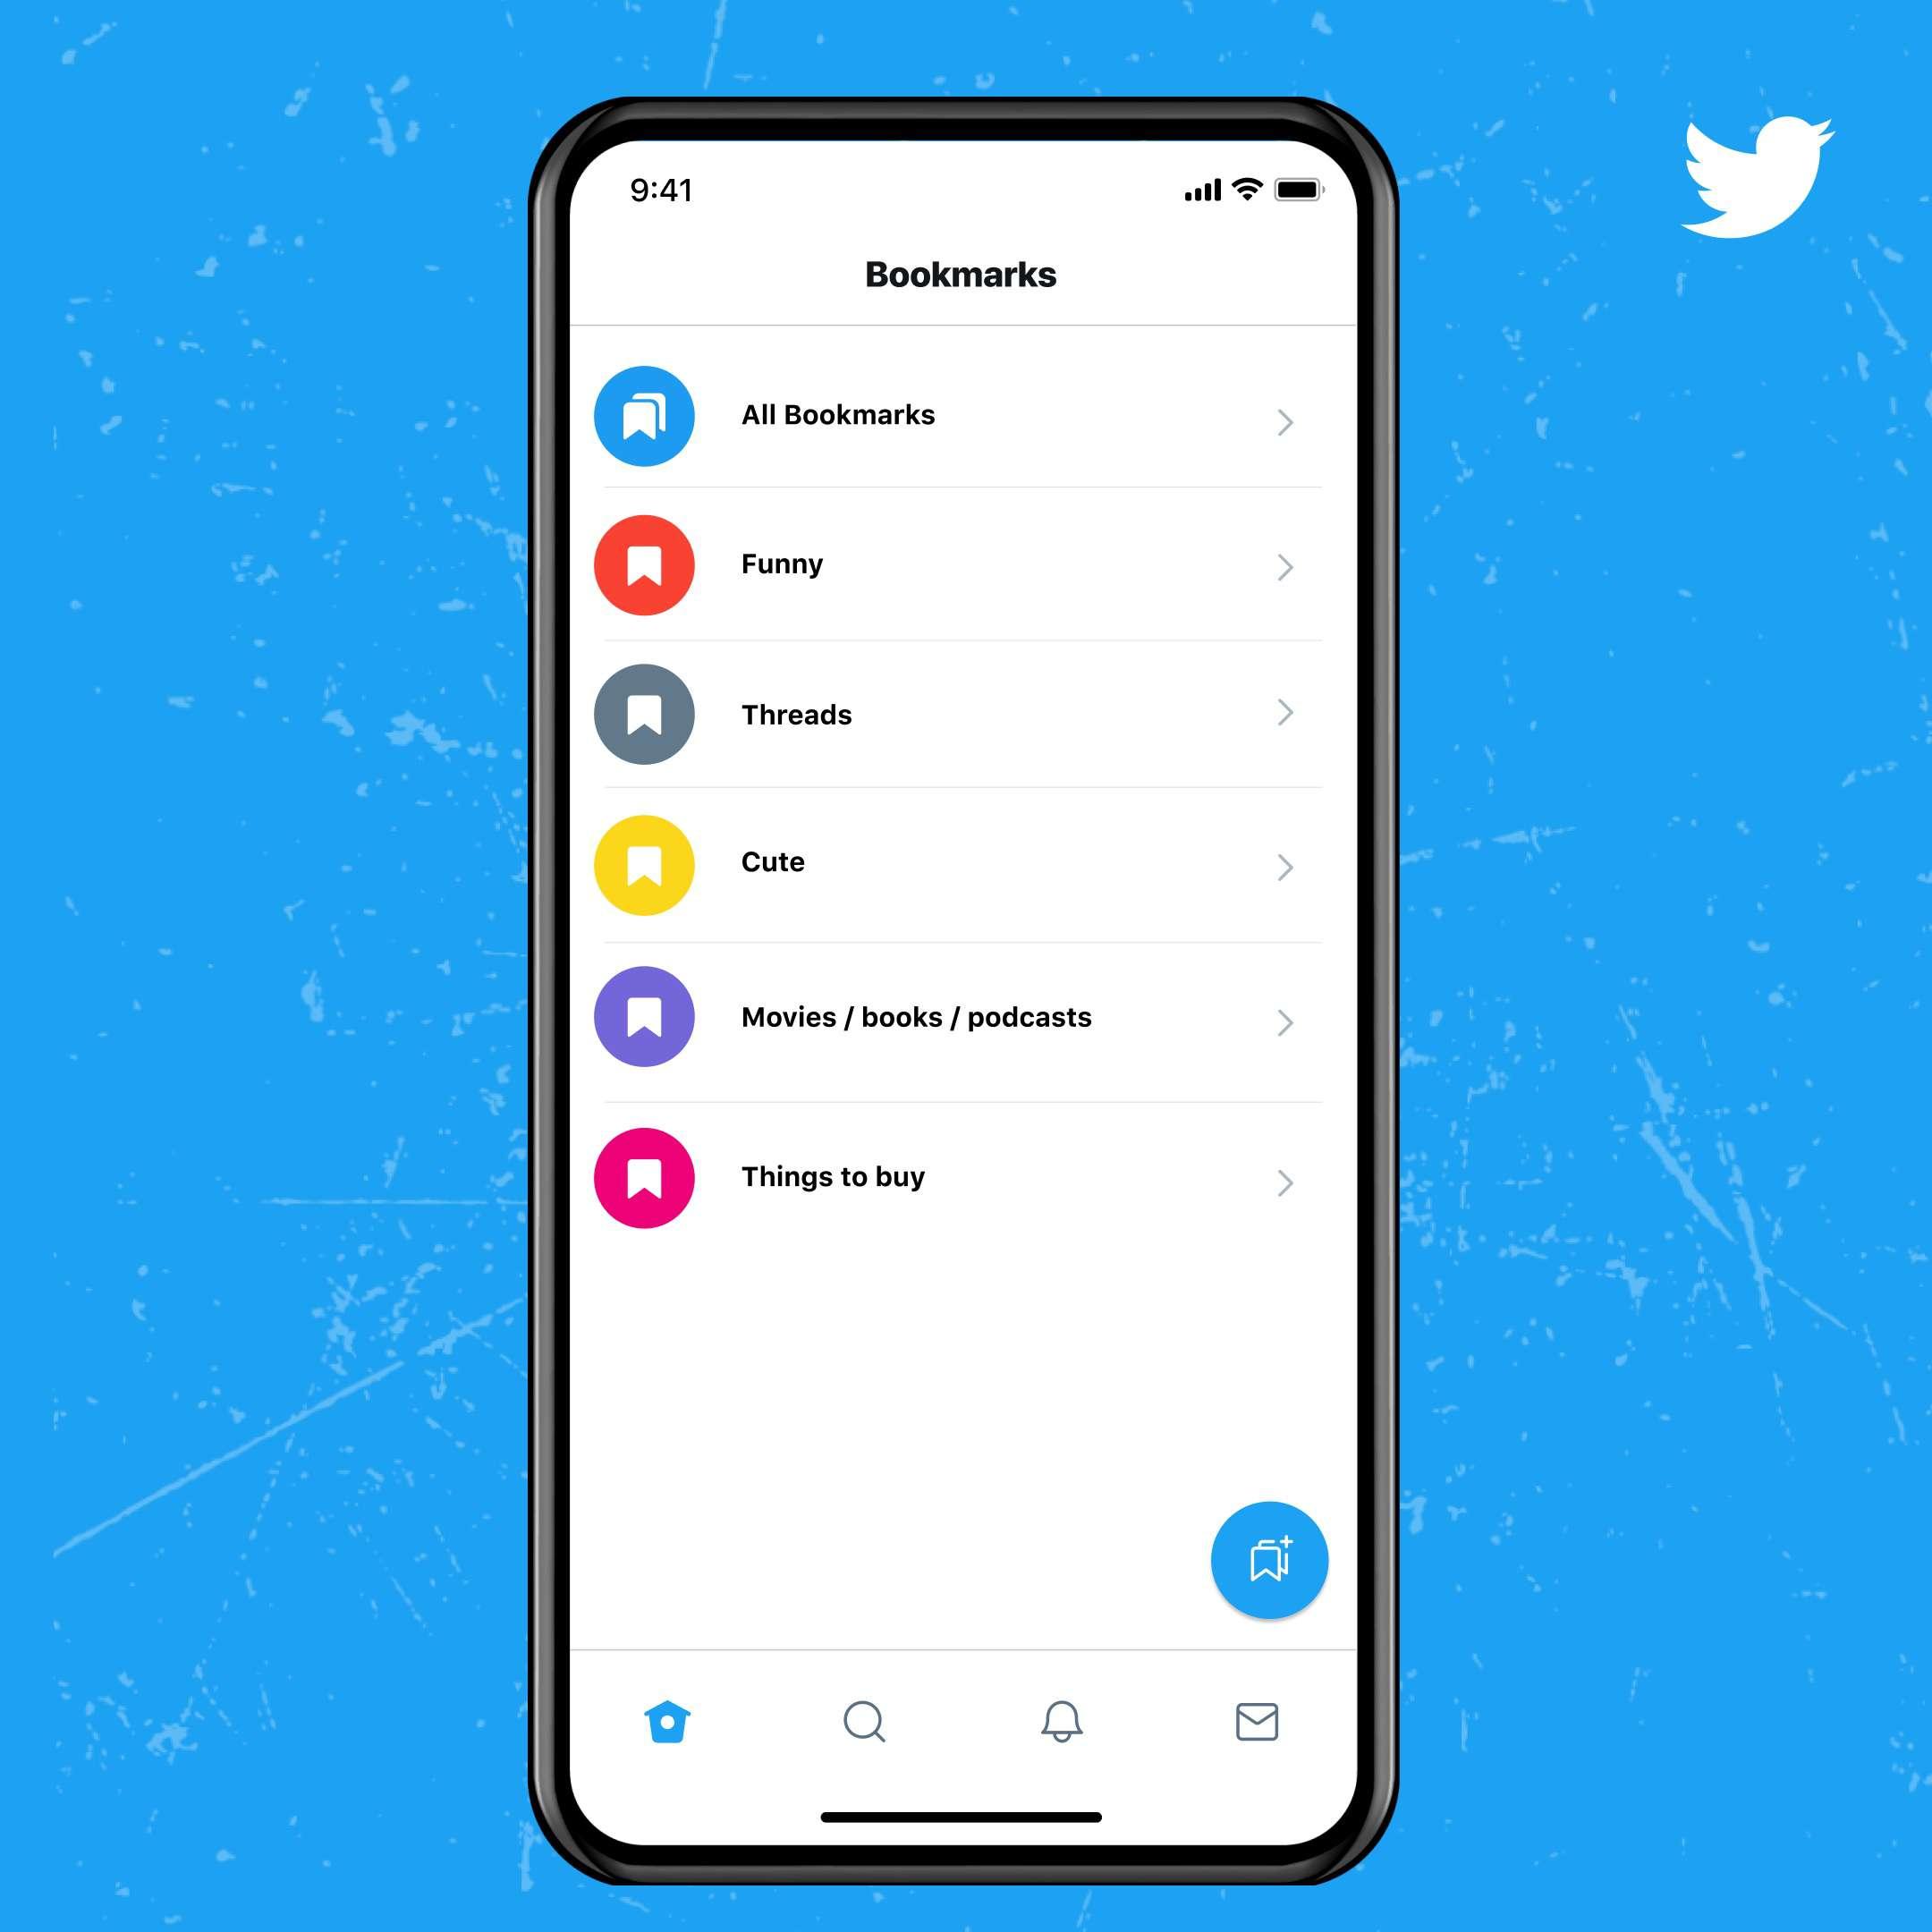 Twitter Blue Bookmark Folder feature